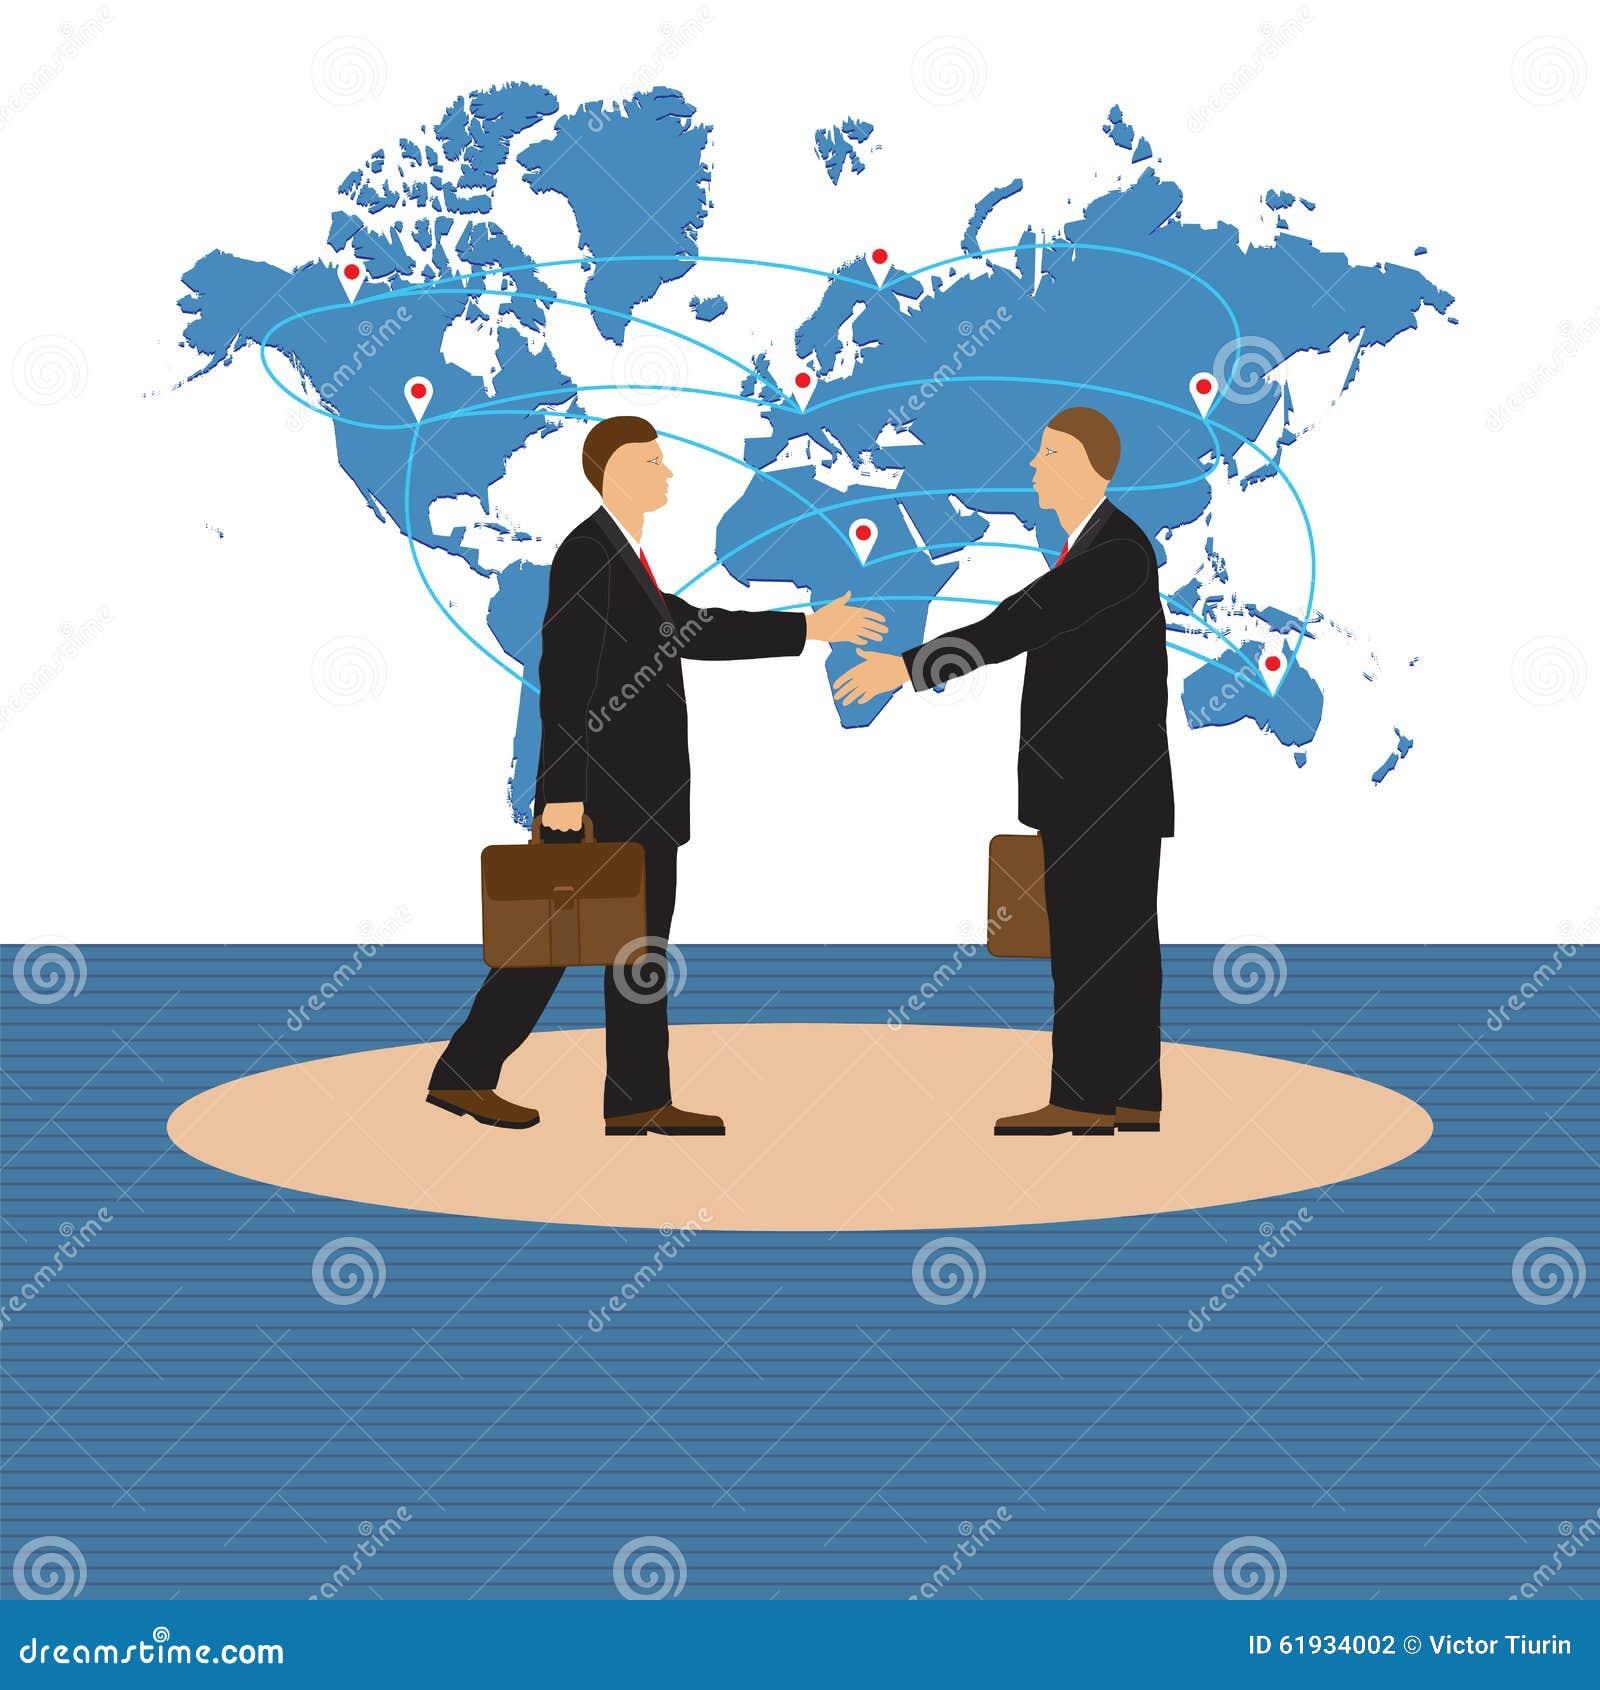 Two businessmen handshake stock vector illustration of earth download two businessmen handshake stock vector illustration of earth company 61934002 m4hsunfo